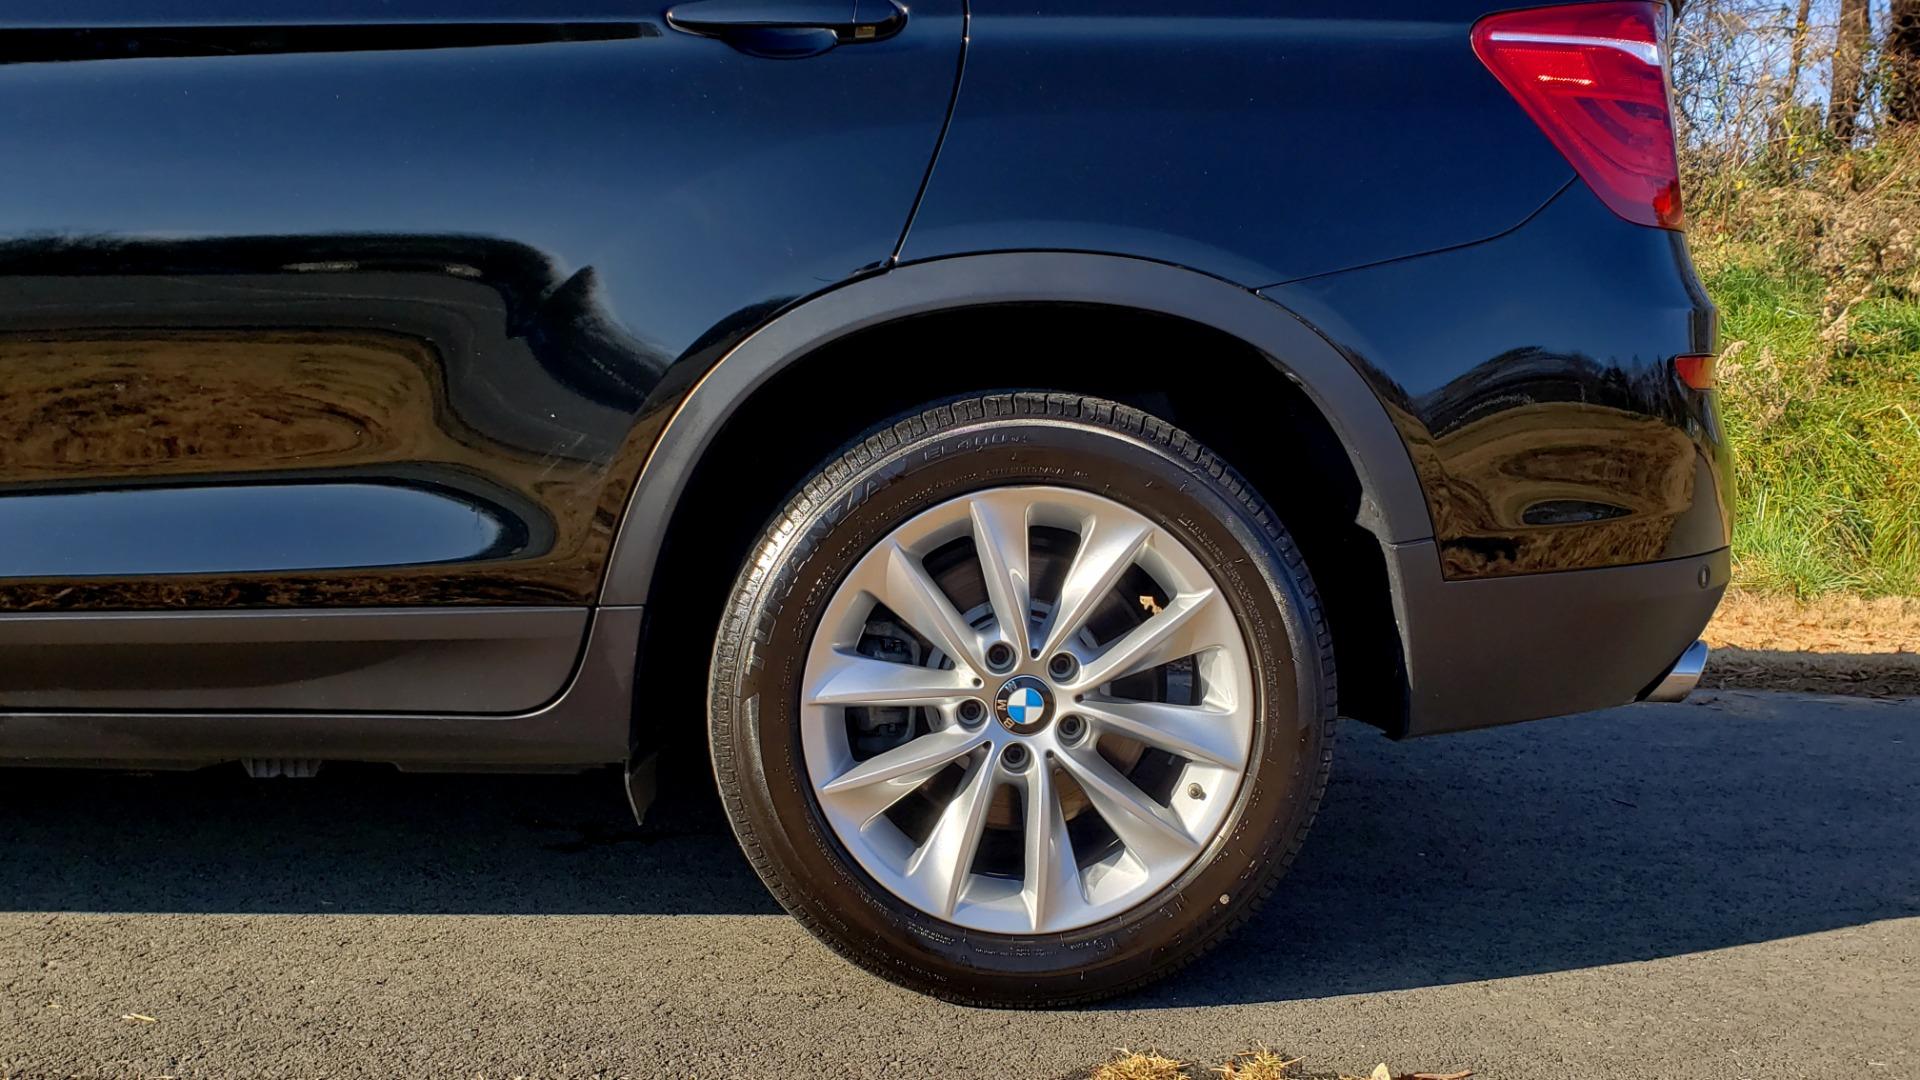 Used 2017 BMW X3 XDRIVE28I / PREM PKG / NAV / DRVR ASST / HTD STS / CAMERAS for sale Sold at Formula Imports in Charlotte NC 28227 91